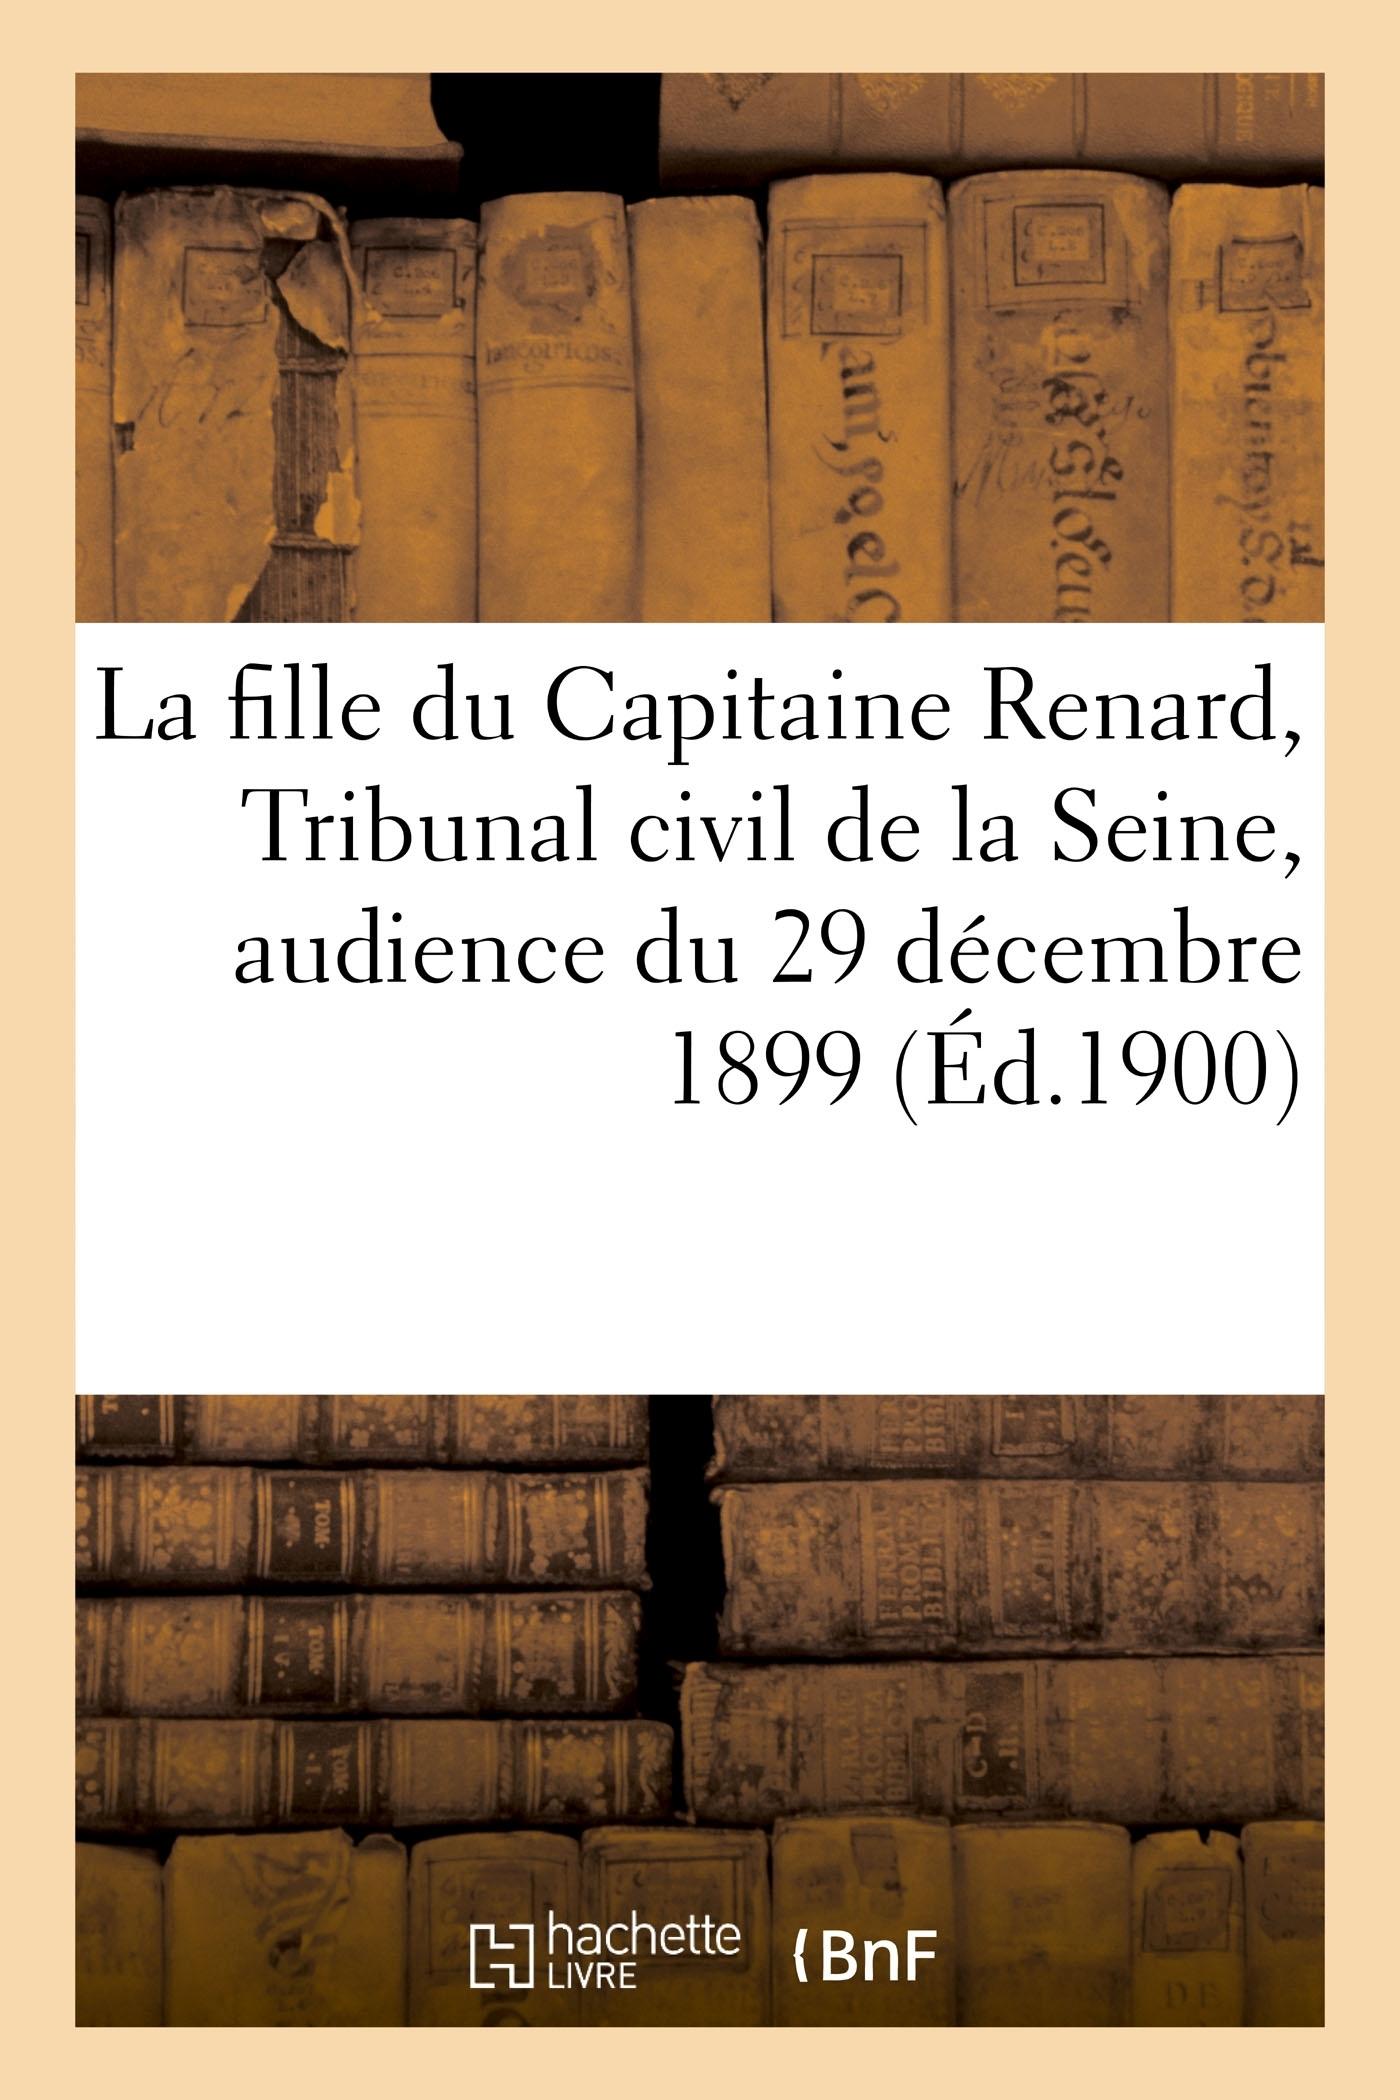 LA FILLE DU CAPITAINE RENARD, TRIBUNAL CIVIL DE LA SEINE, 1RE CHAMBRE - AUDIENCE DU 29 DECEMBRE 1899